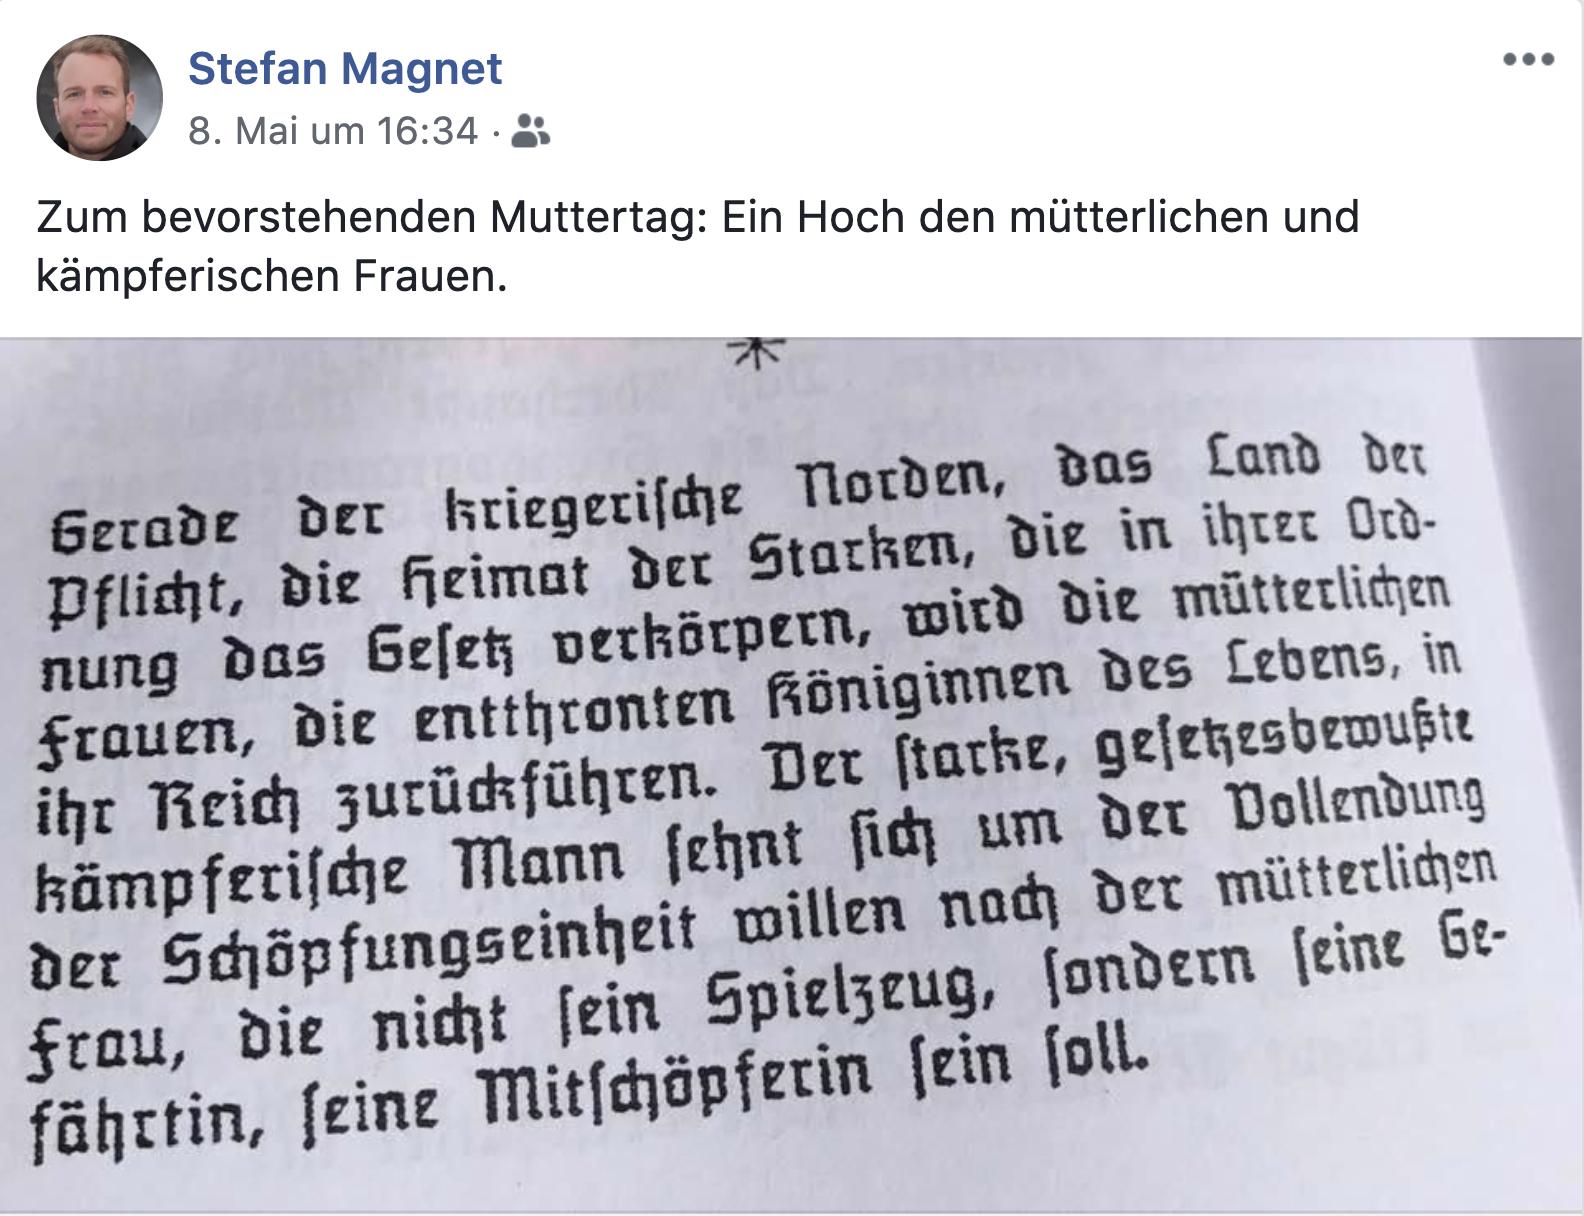 Magnet postet den Nazi-Schriftsteller Kurt Eggers